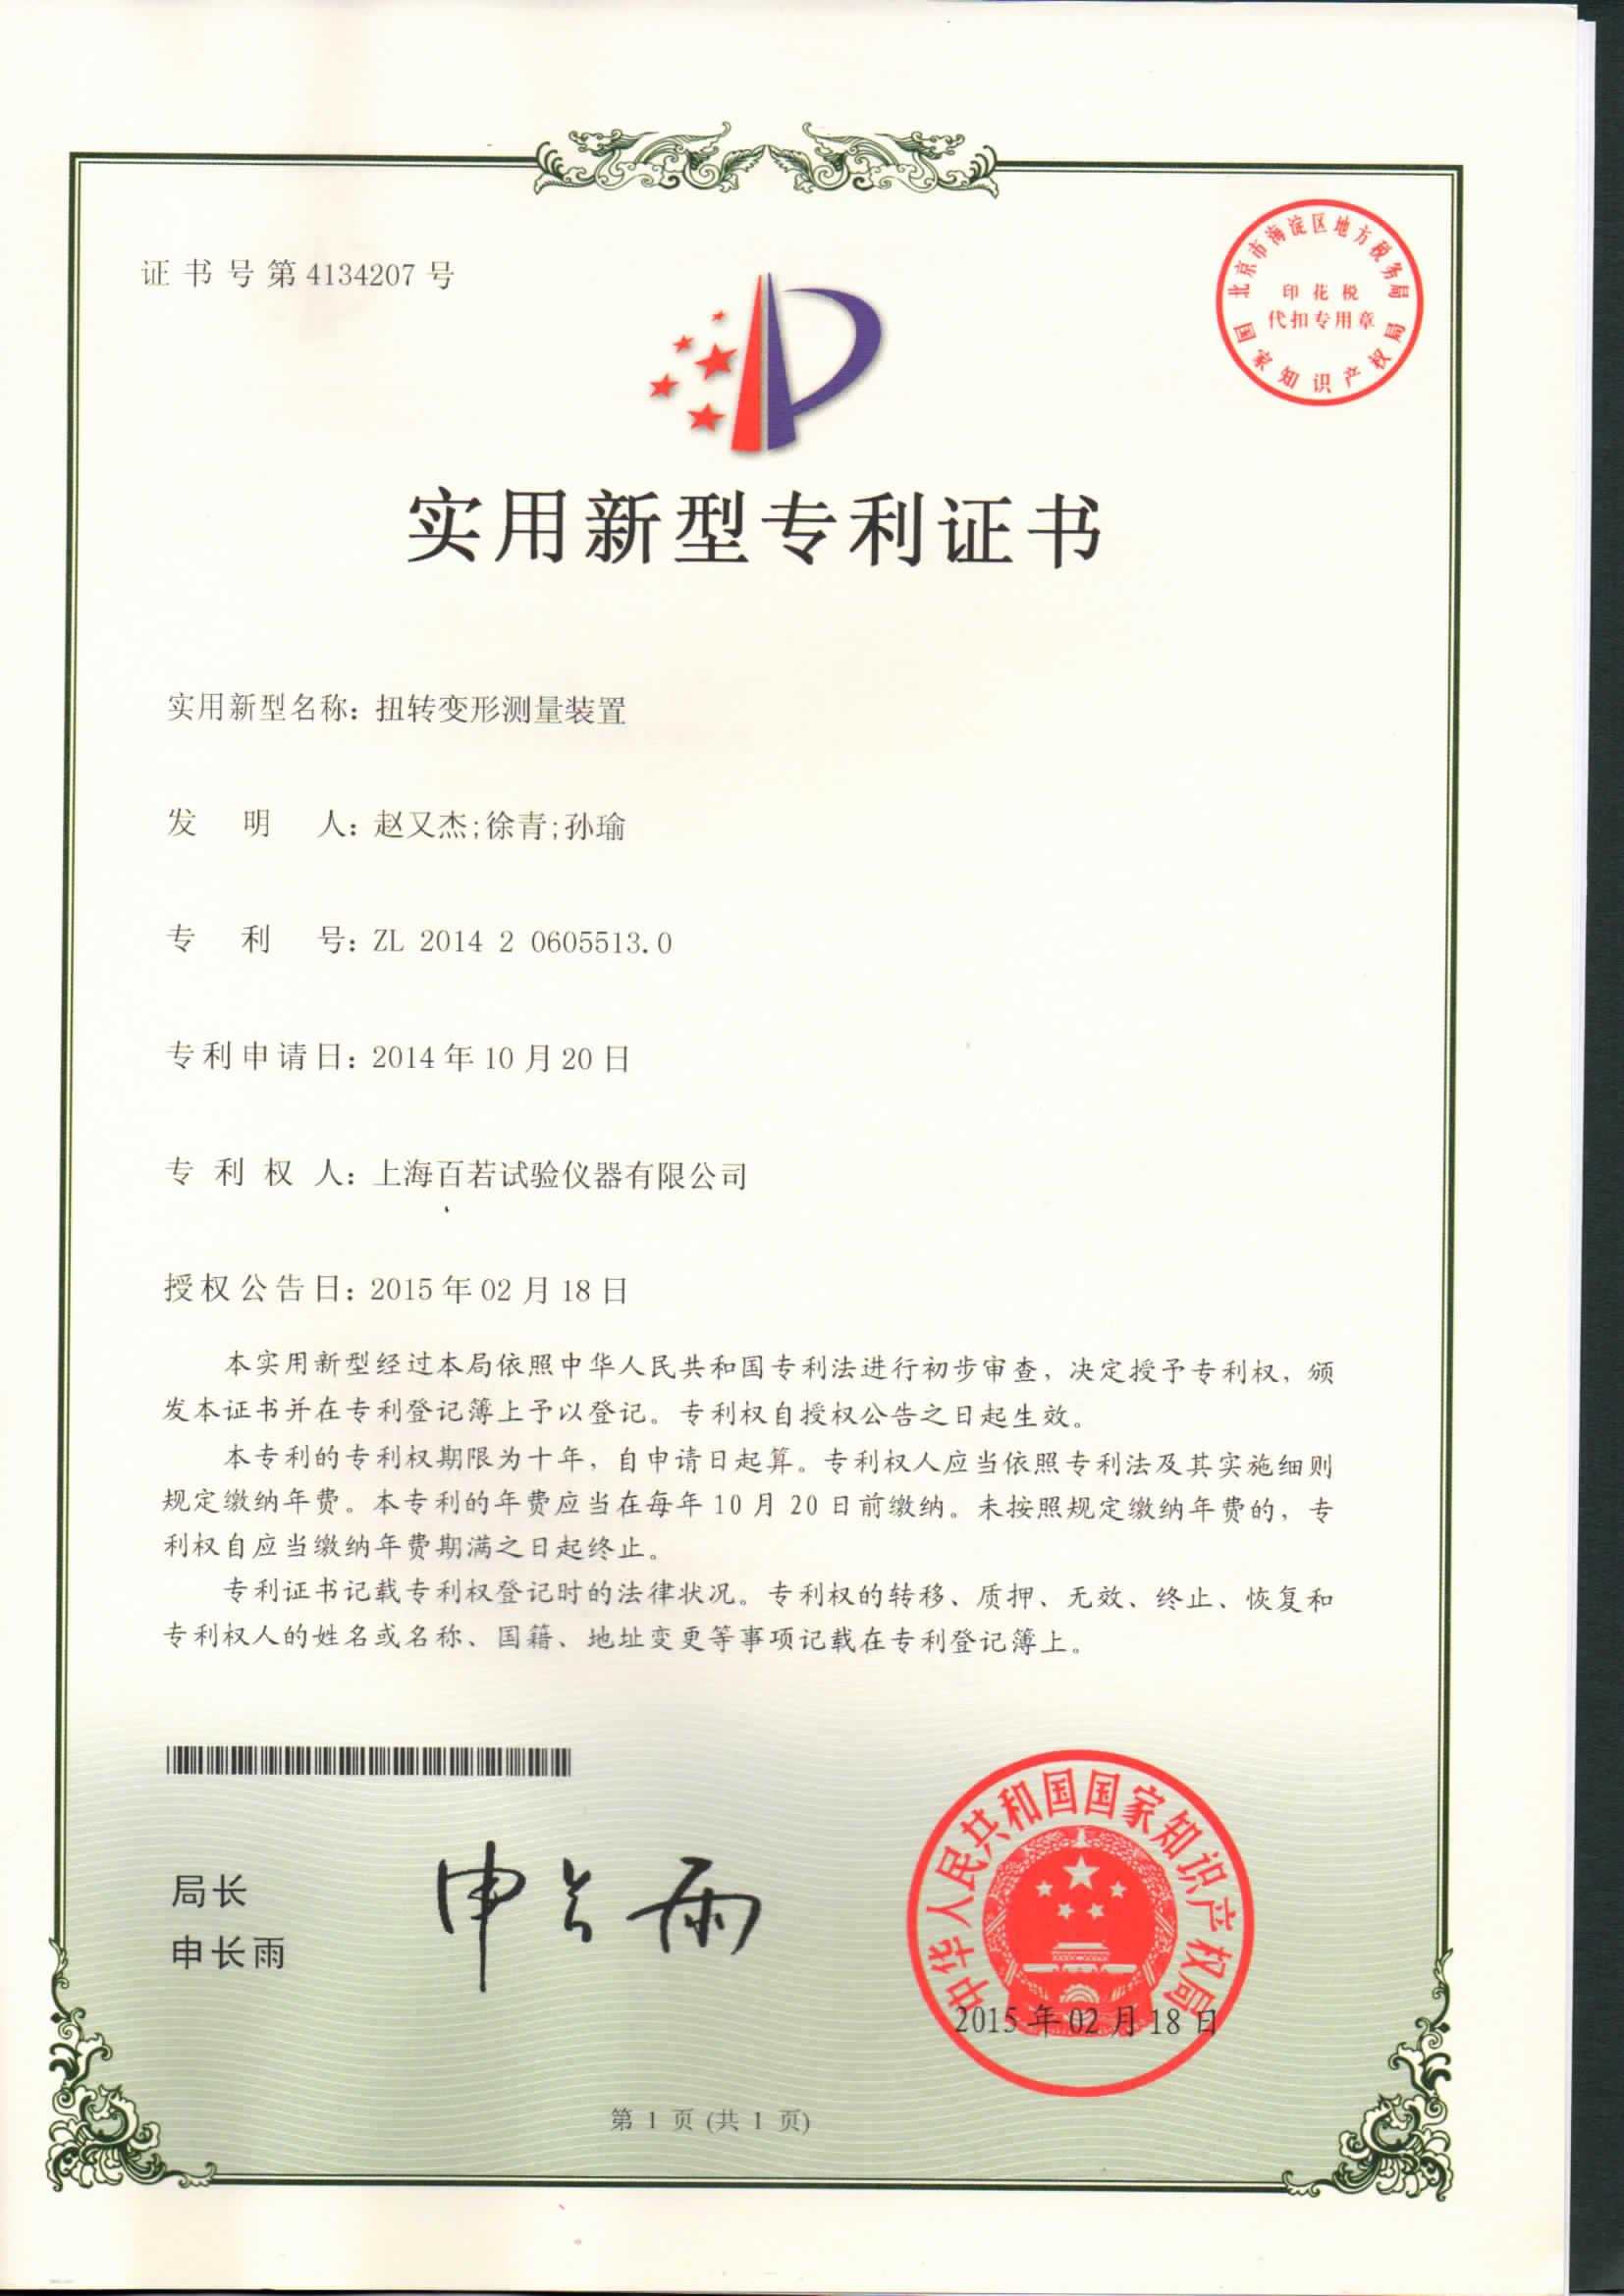 專利證書-扭轉變形測量裝置